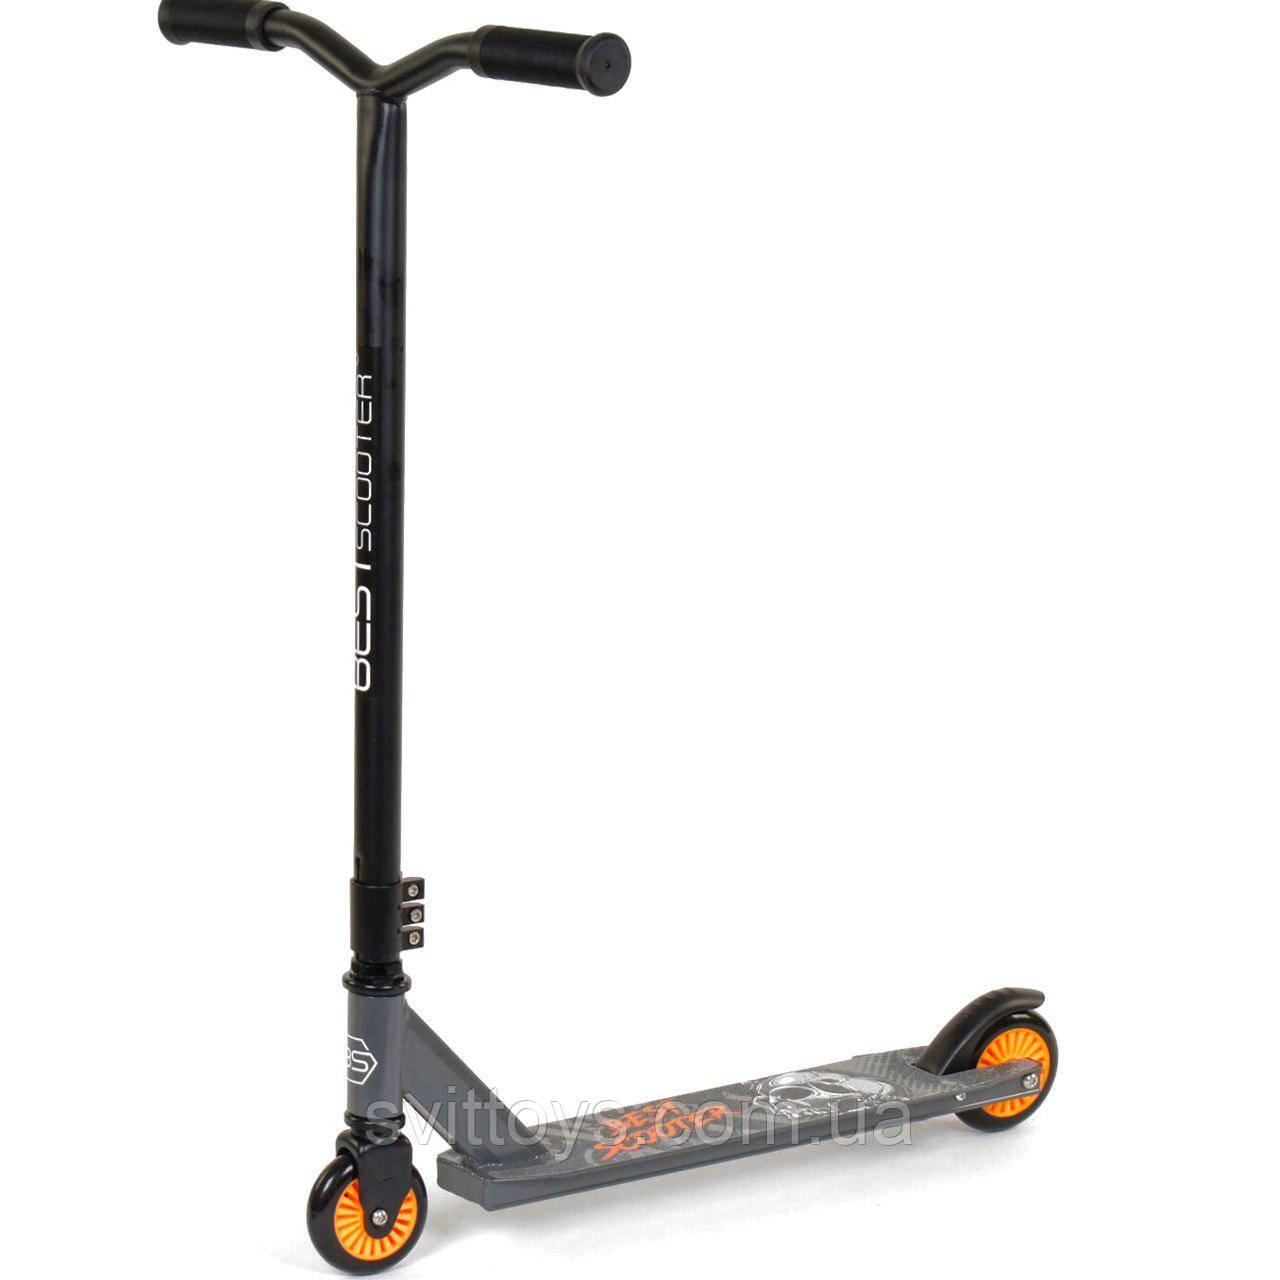 Самокат трюковий 70329 Best Scooter PU колеса d=10см